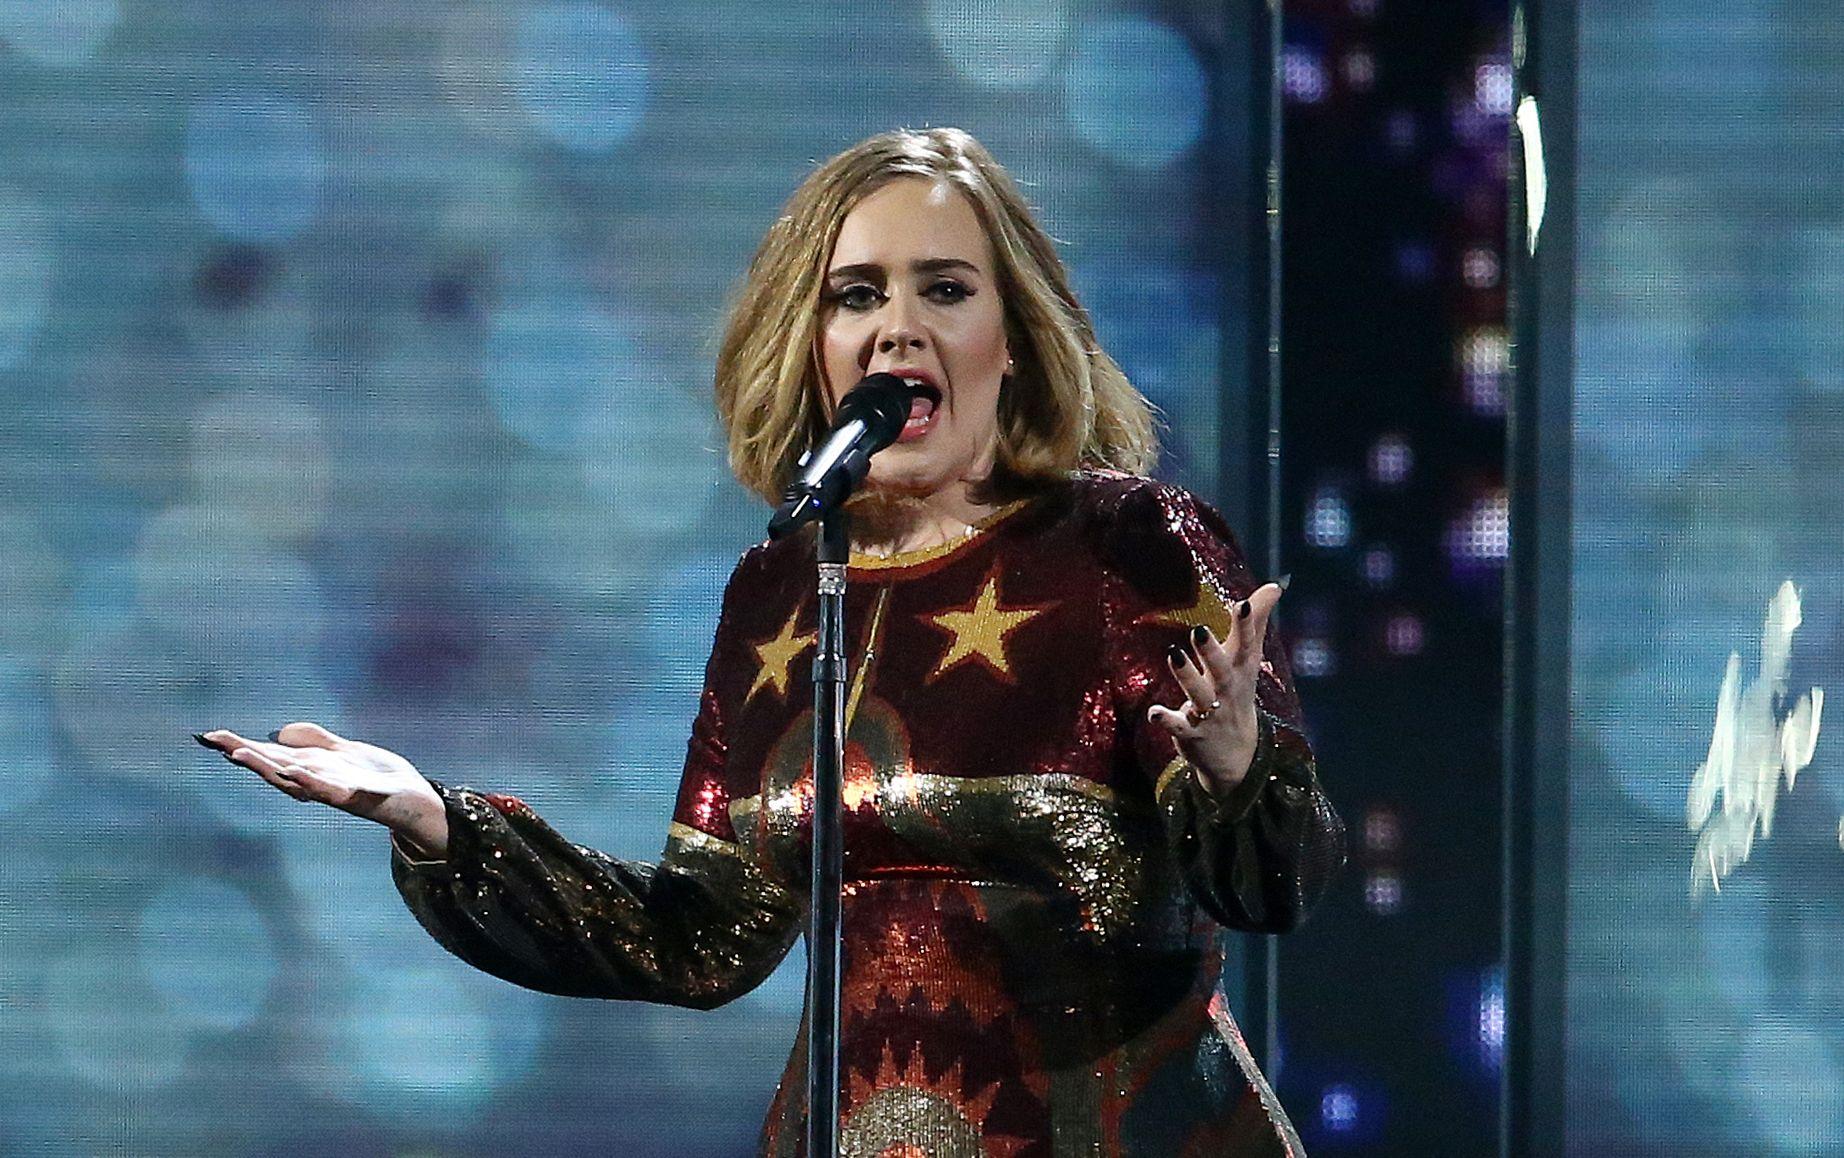 En esta foto de archivo tomada el 24 de febrero de 2016, la cantante británica Adele se presenta en el escenario durante los BRIT Awards 2016 en Londres el 24 de febrero de 2016.